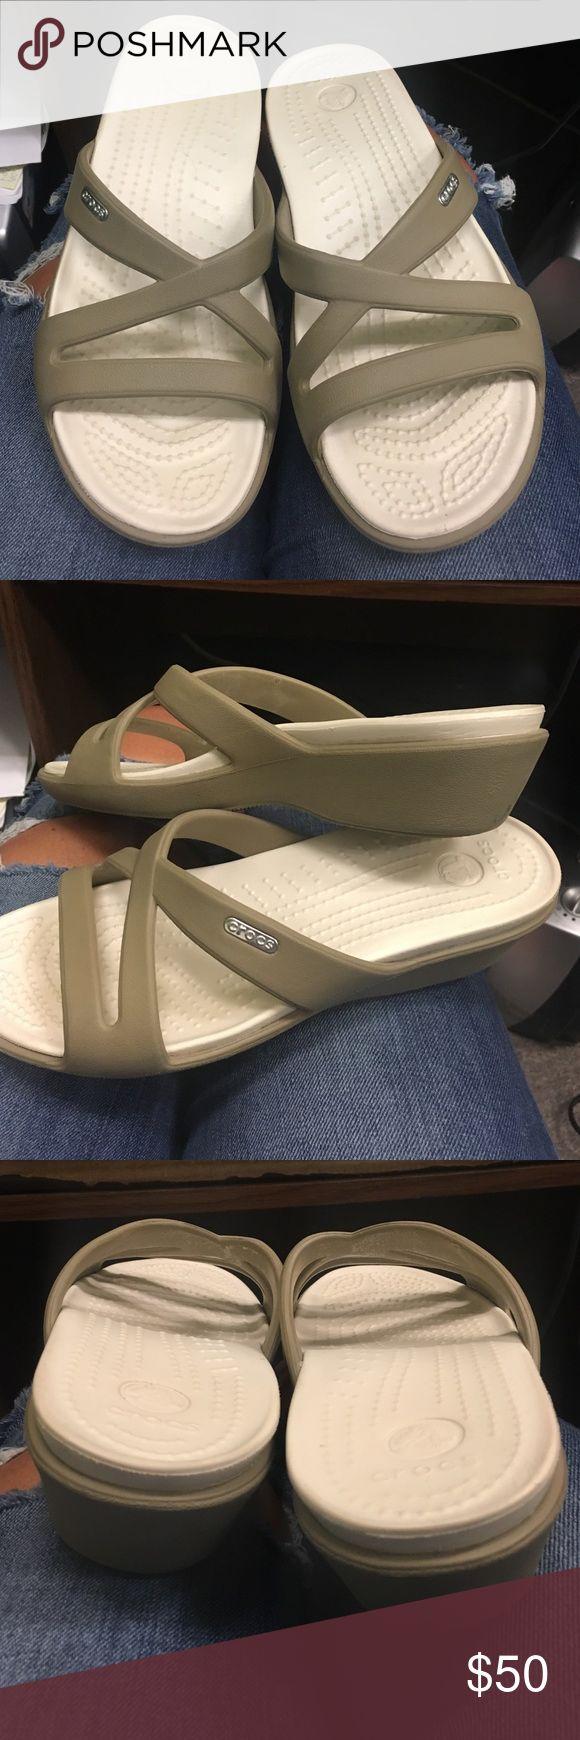 Croc sandals New! Very comfy CROCS Shoes Sandals